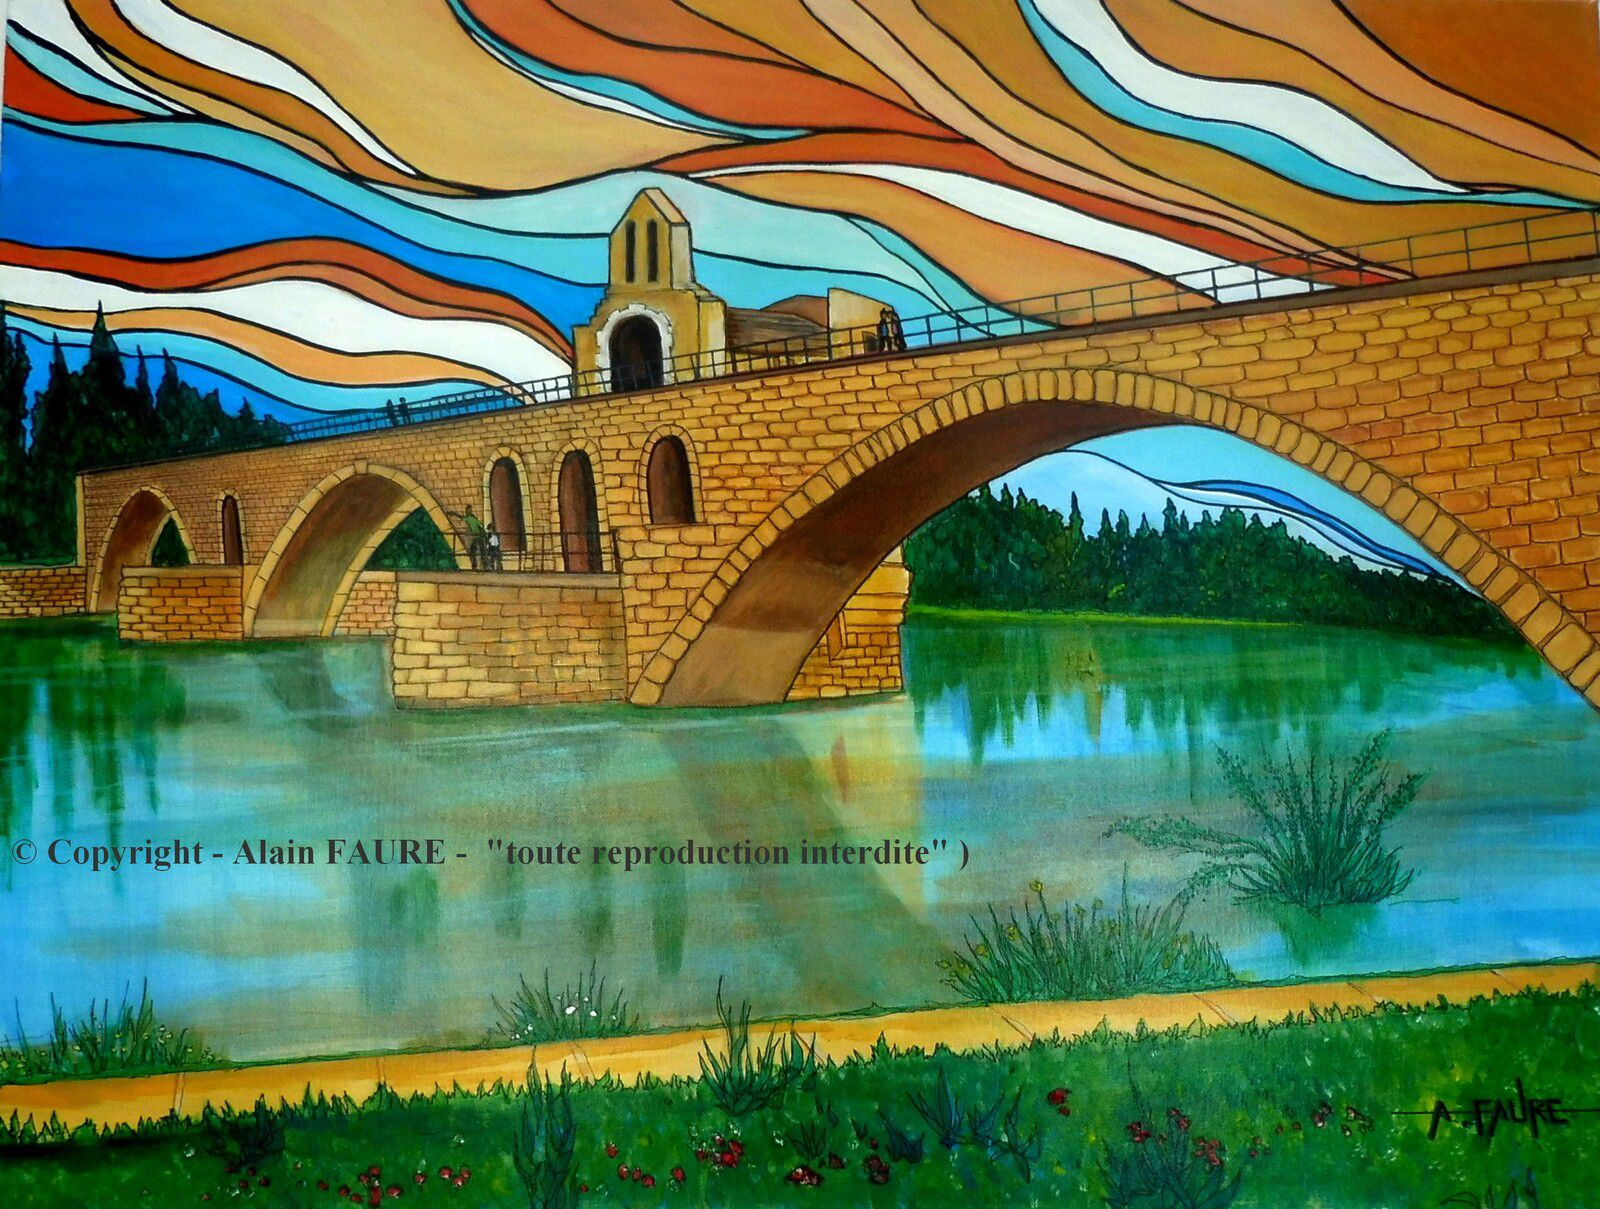 SUR LE PONT D'AVIGNON Peinture Acrylique sur Toile : 80 x 60 cm ...........1050 € - Par la vertu d'une ronde enfantine, le pont Saint-Bénézet est sans doute le monument le plus célèbre de la Provence médiévale. Selon la légende, c'est en 1177 qu'un jeune berger appelé Bénézet et se disant envoyé de Dieu vint à Avignon pour construire un pont sur le Rhône. Aujourd'hui il ne reste plus que 4 arches sur cet ouvrage d'art qui en comptait 22 à l'origine en 1185. A cette époque le pont mesurait 920 m sur 4 de large.